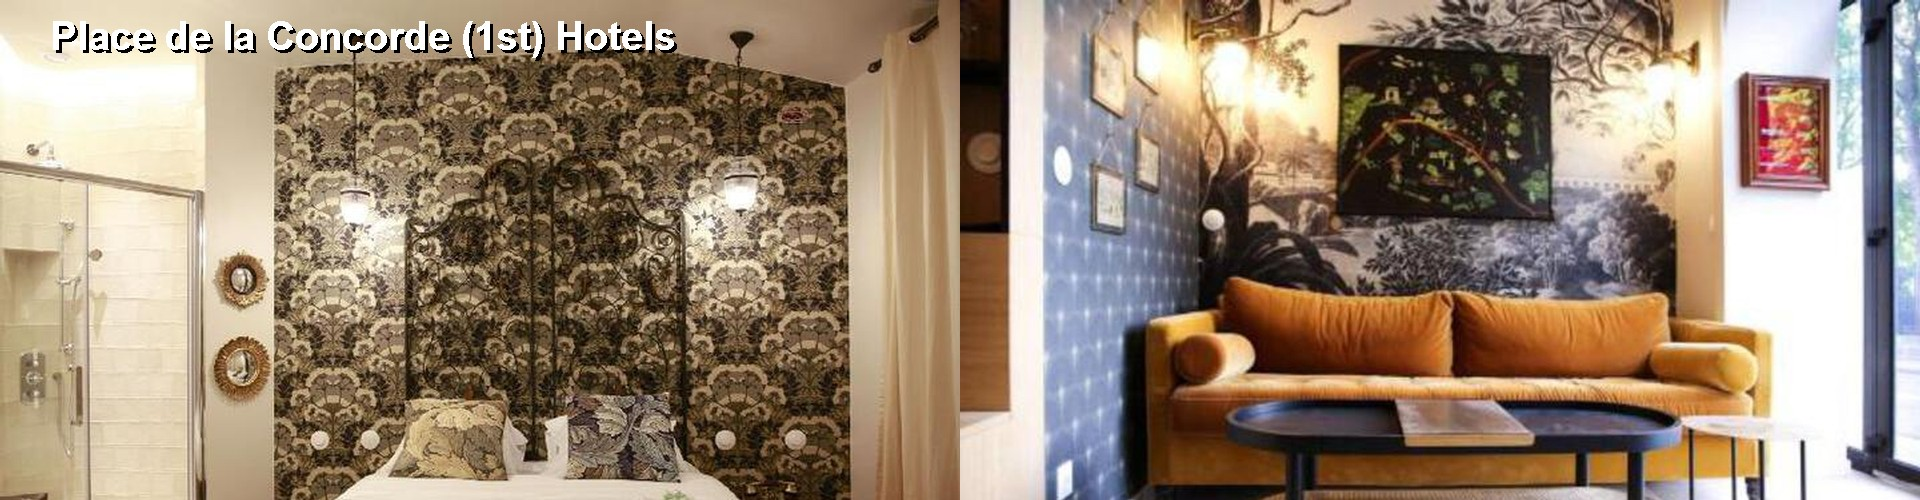 hotels near place de la concorde 1st in paris. Black Bedroom Furniture Sets. Home Design Ideas